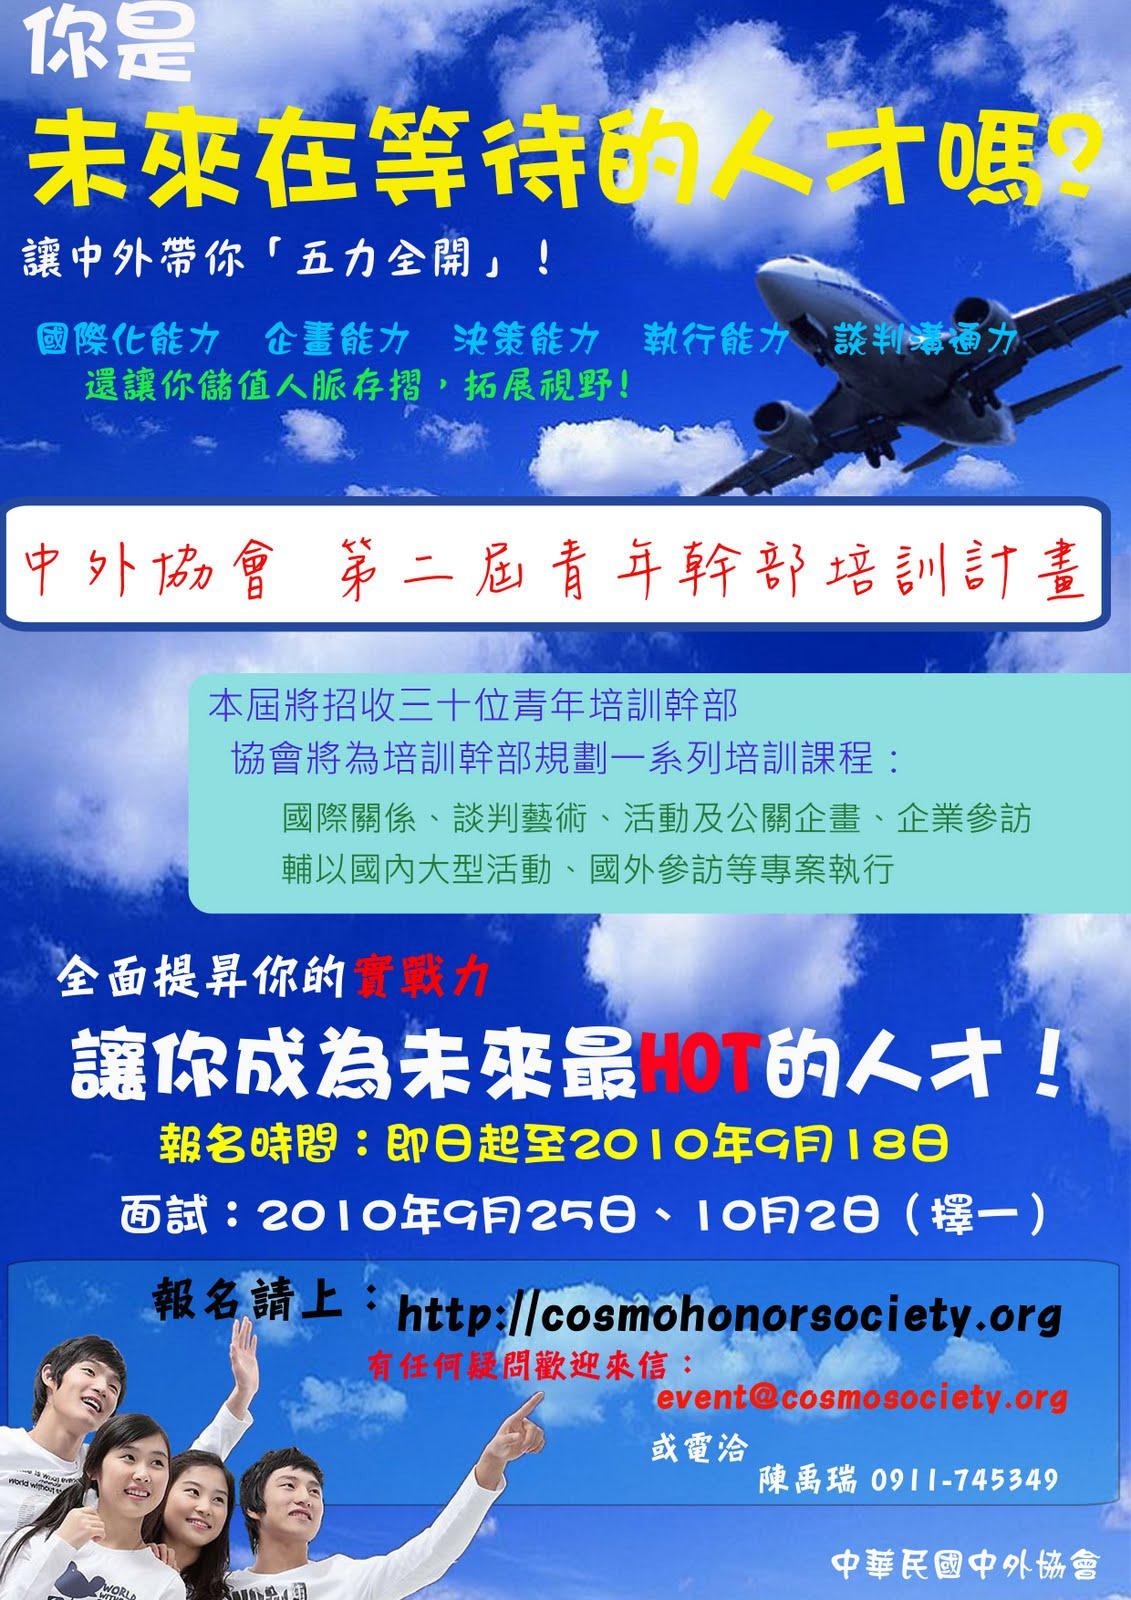 中外協會部落格: 八月 2010